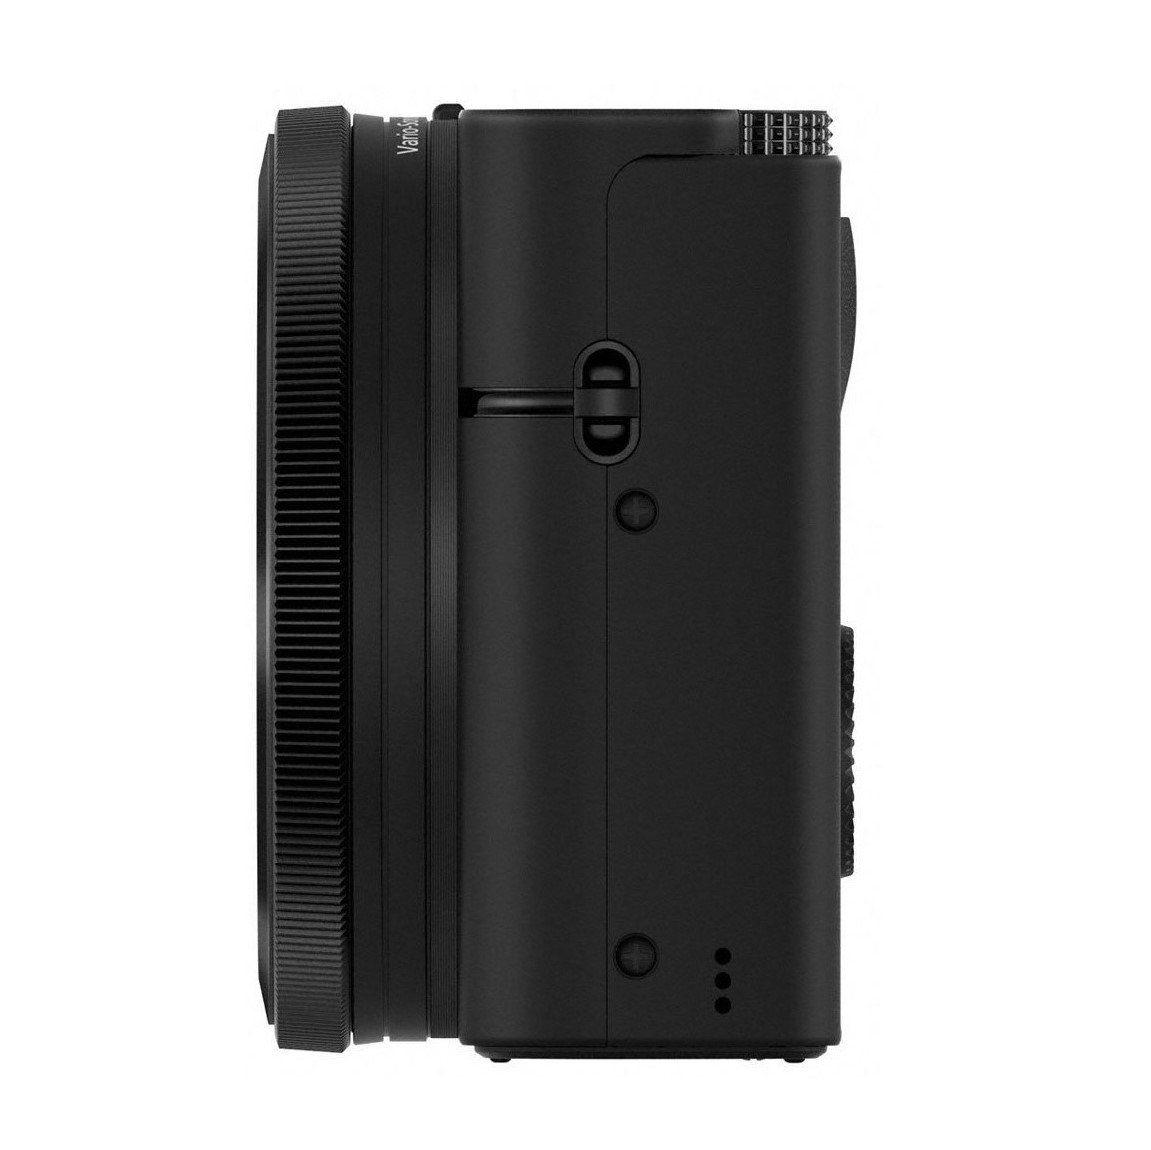 Sony CyberShot DSC-RX100 Memory Sick SD card